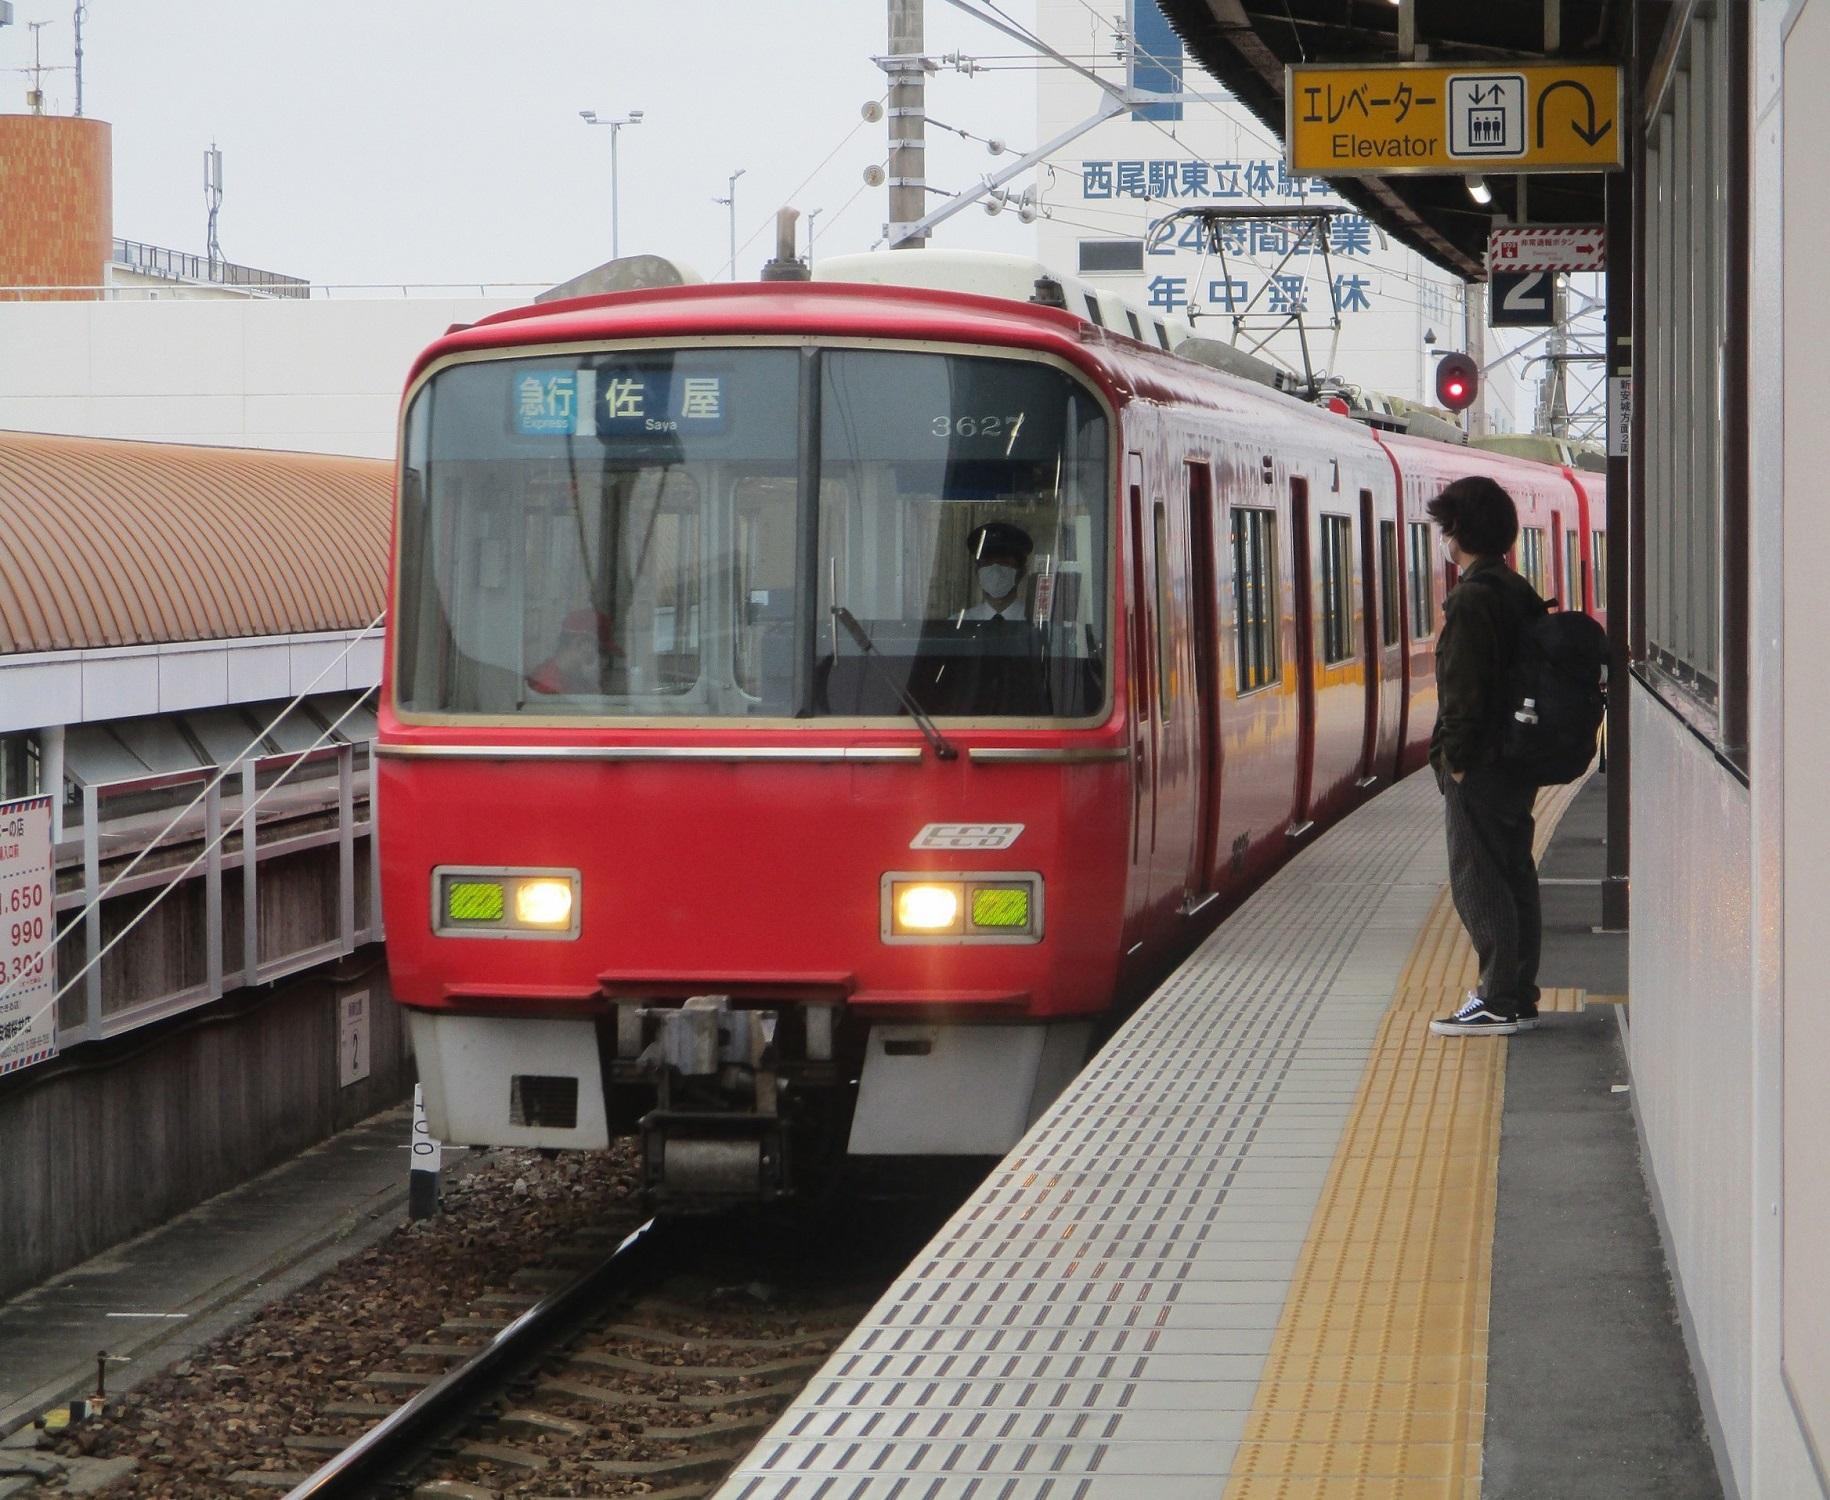 2020.5.6 (11) 西尾 - 佐屋い急行 1830-1500